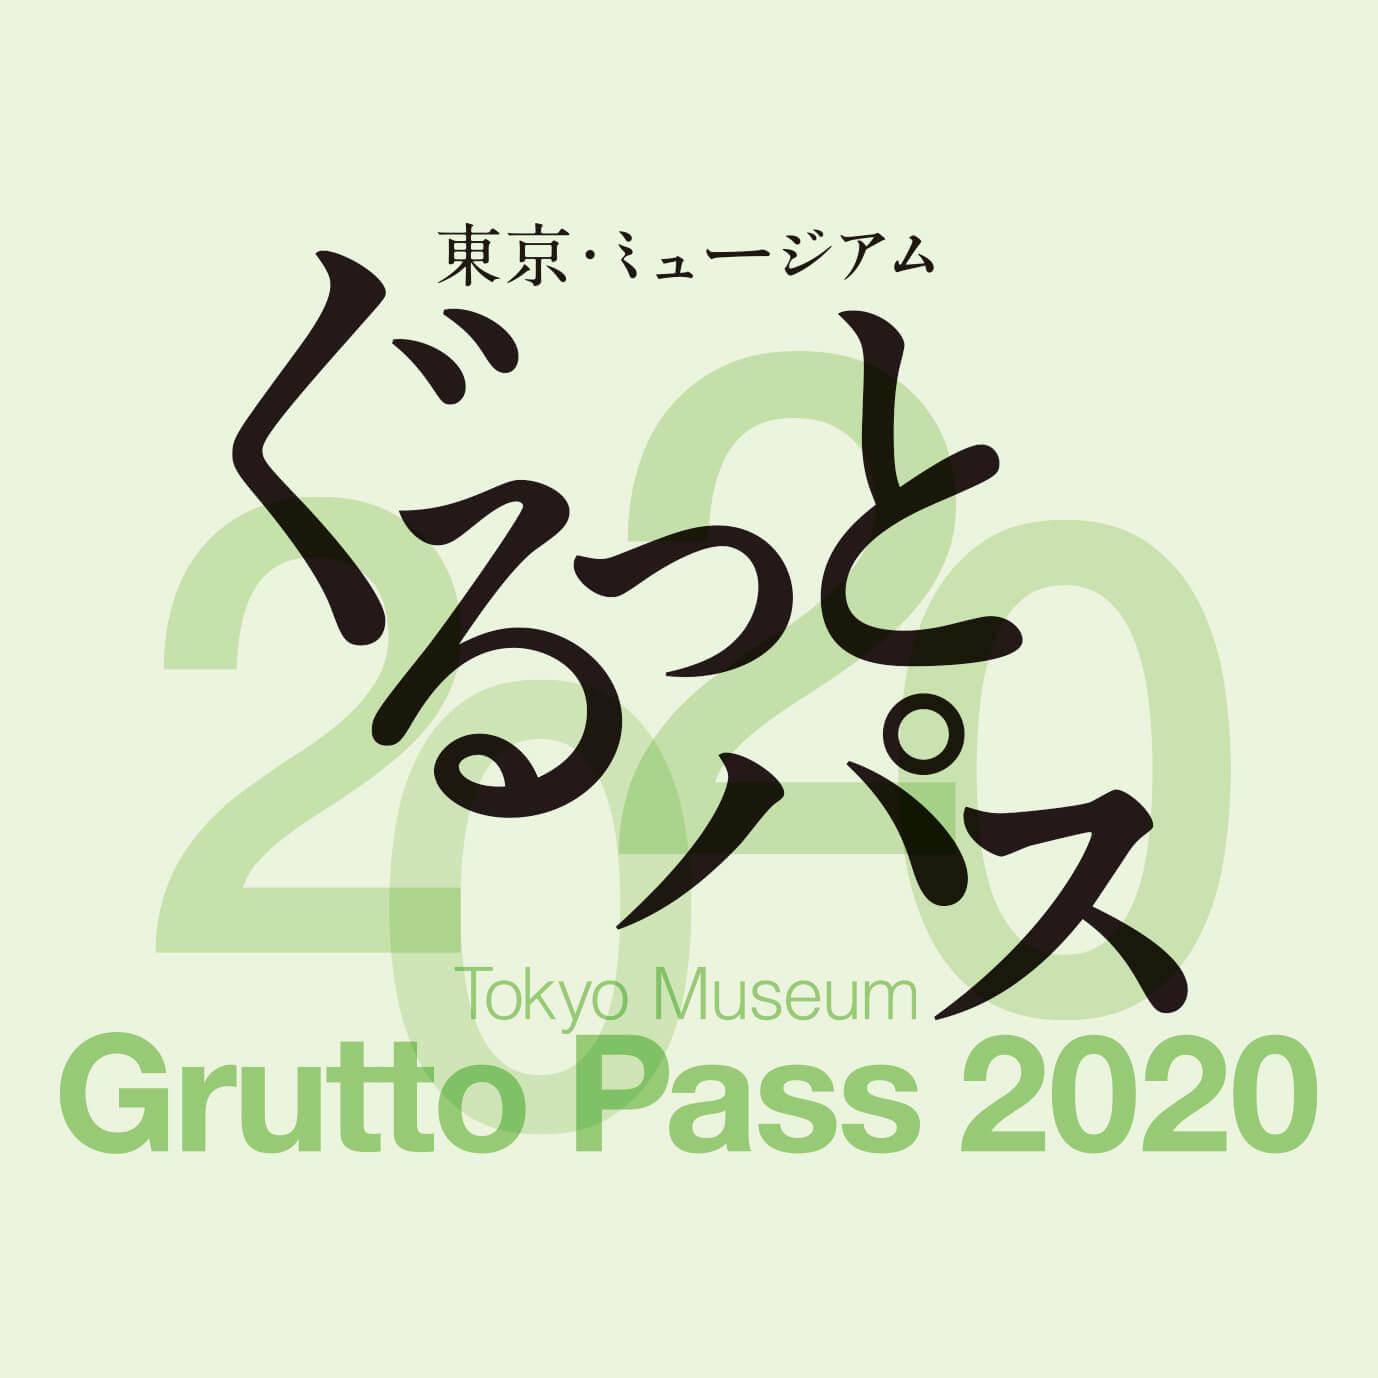 東京ミュージアム「ぐるっとパス2020」